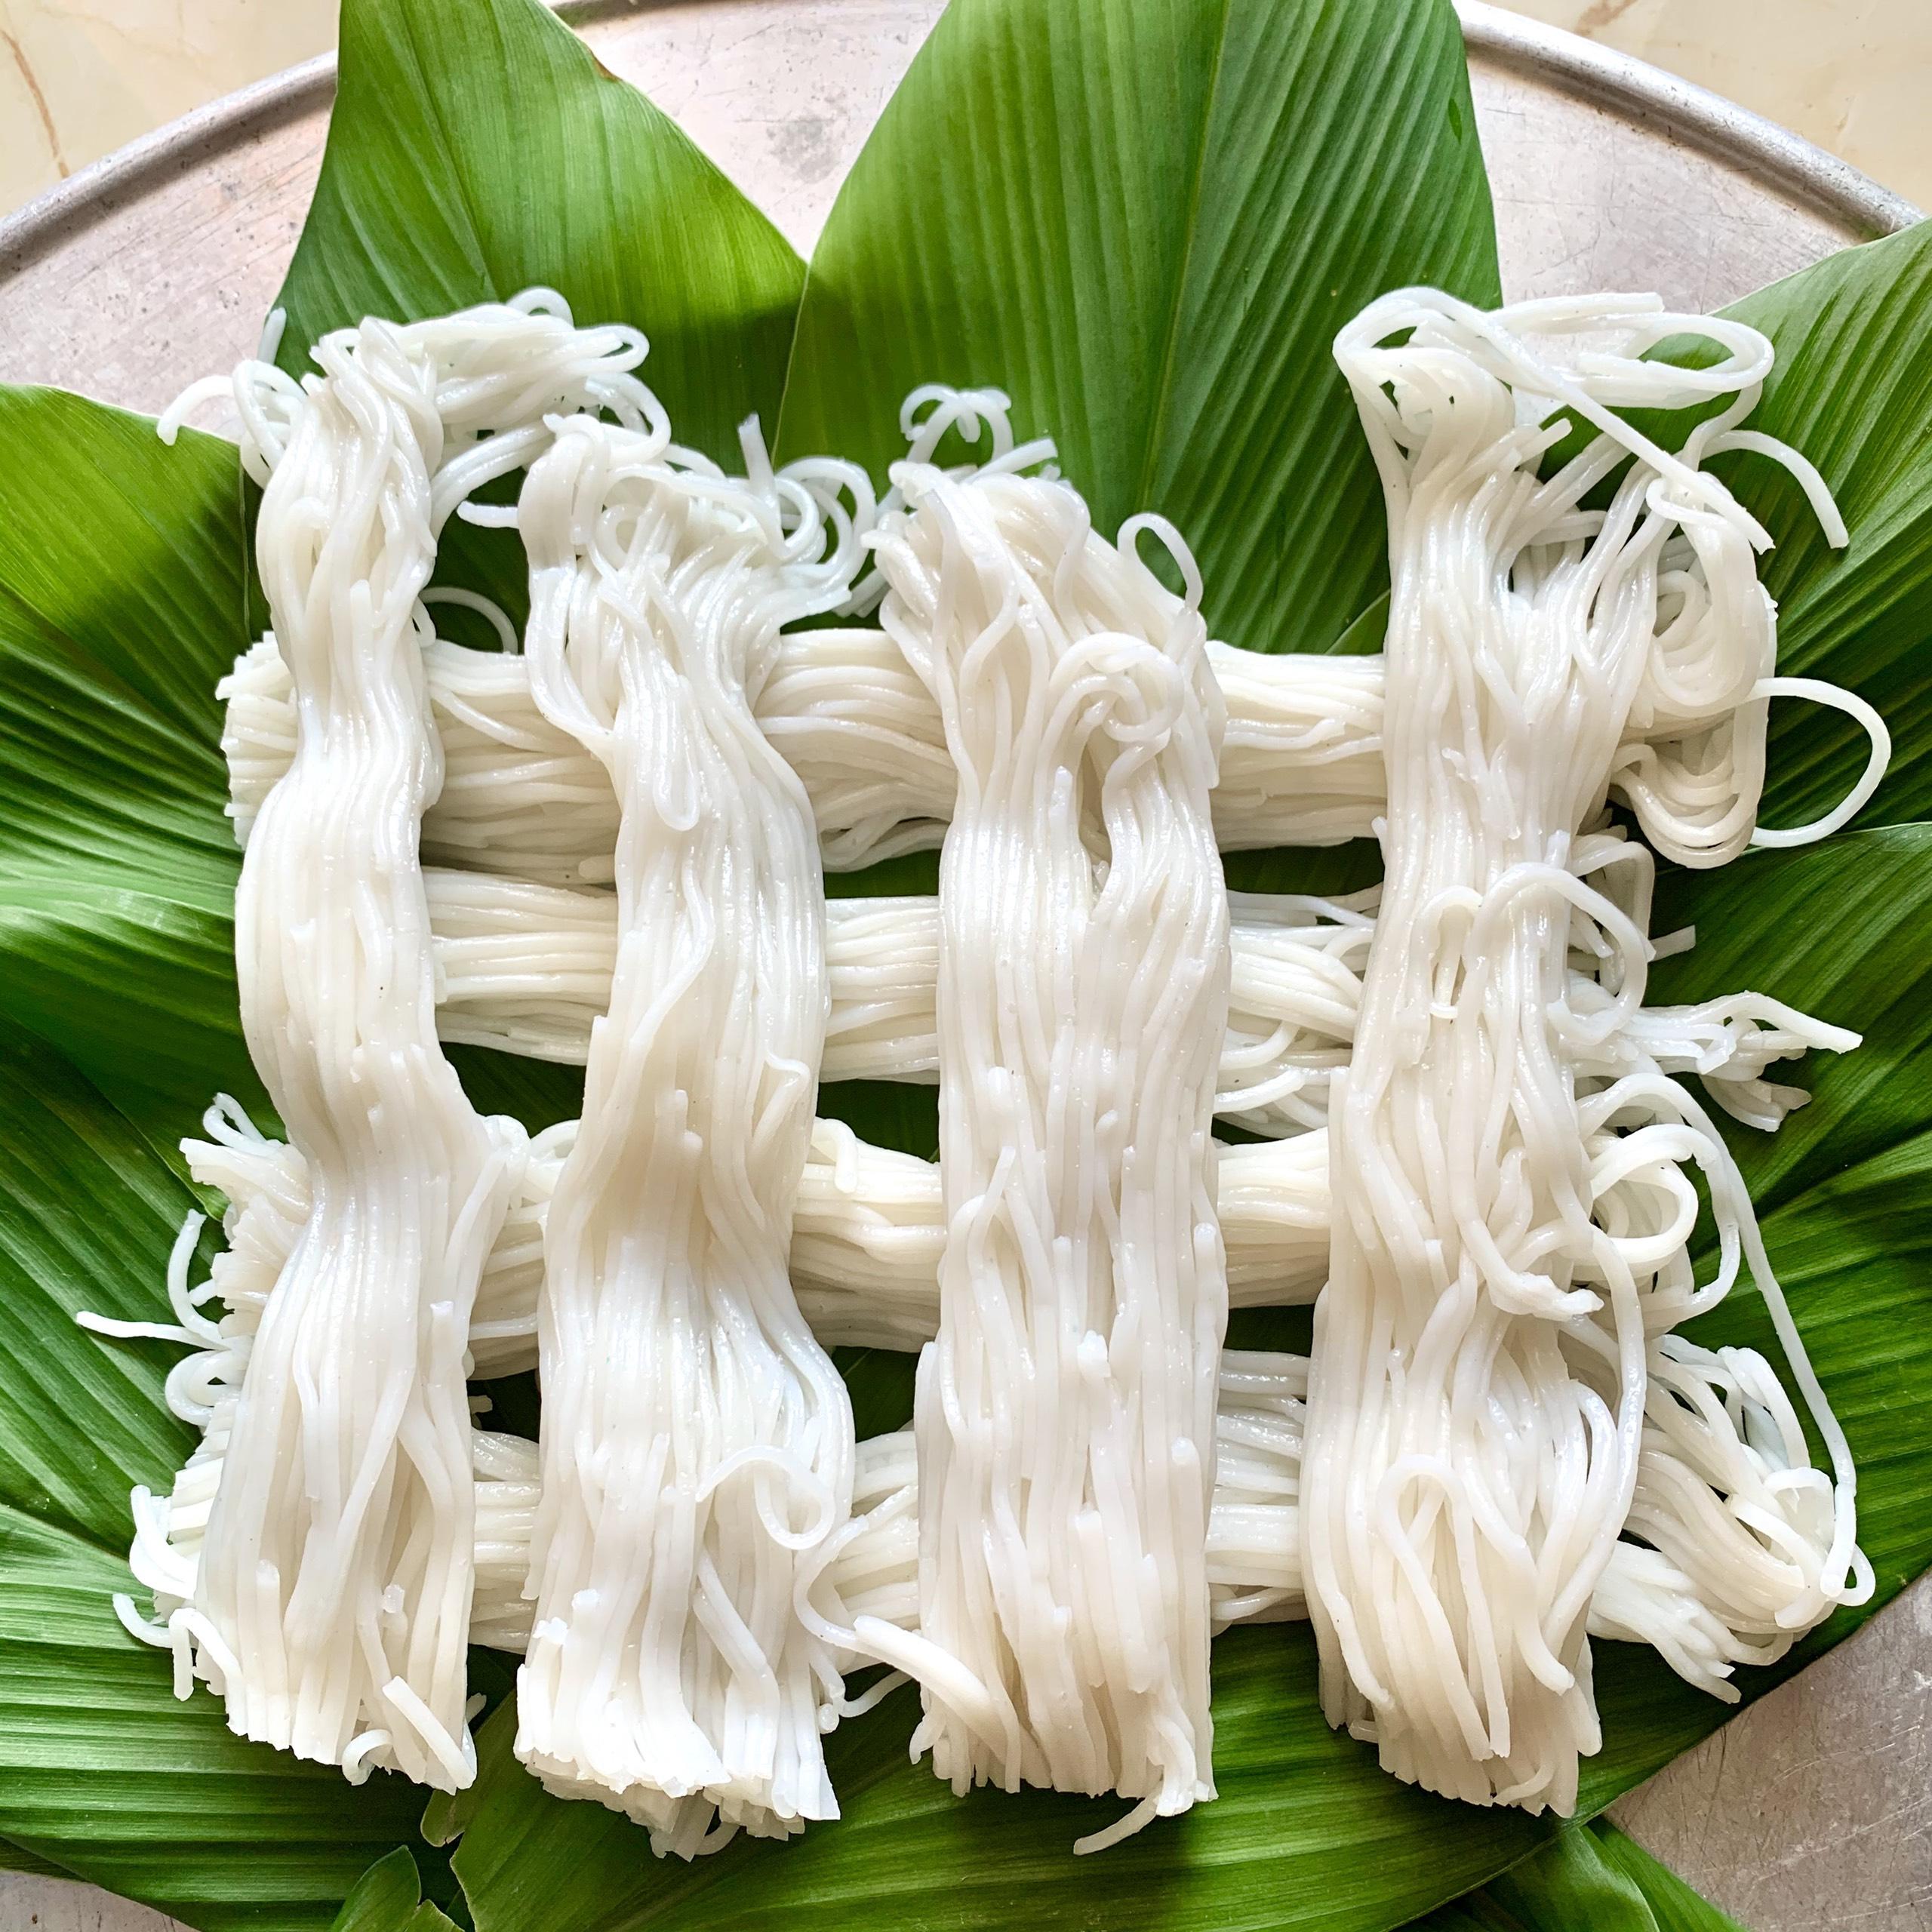 """Bún tươi truyền thống""""- Nét đẹp Ẩm thực của người Tày huyện Văn Quan, Lạng Sơn"""